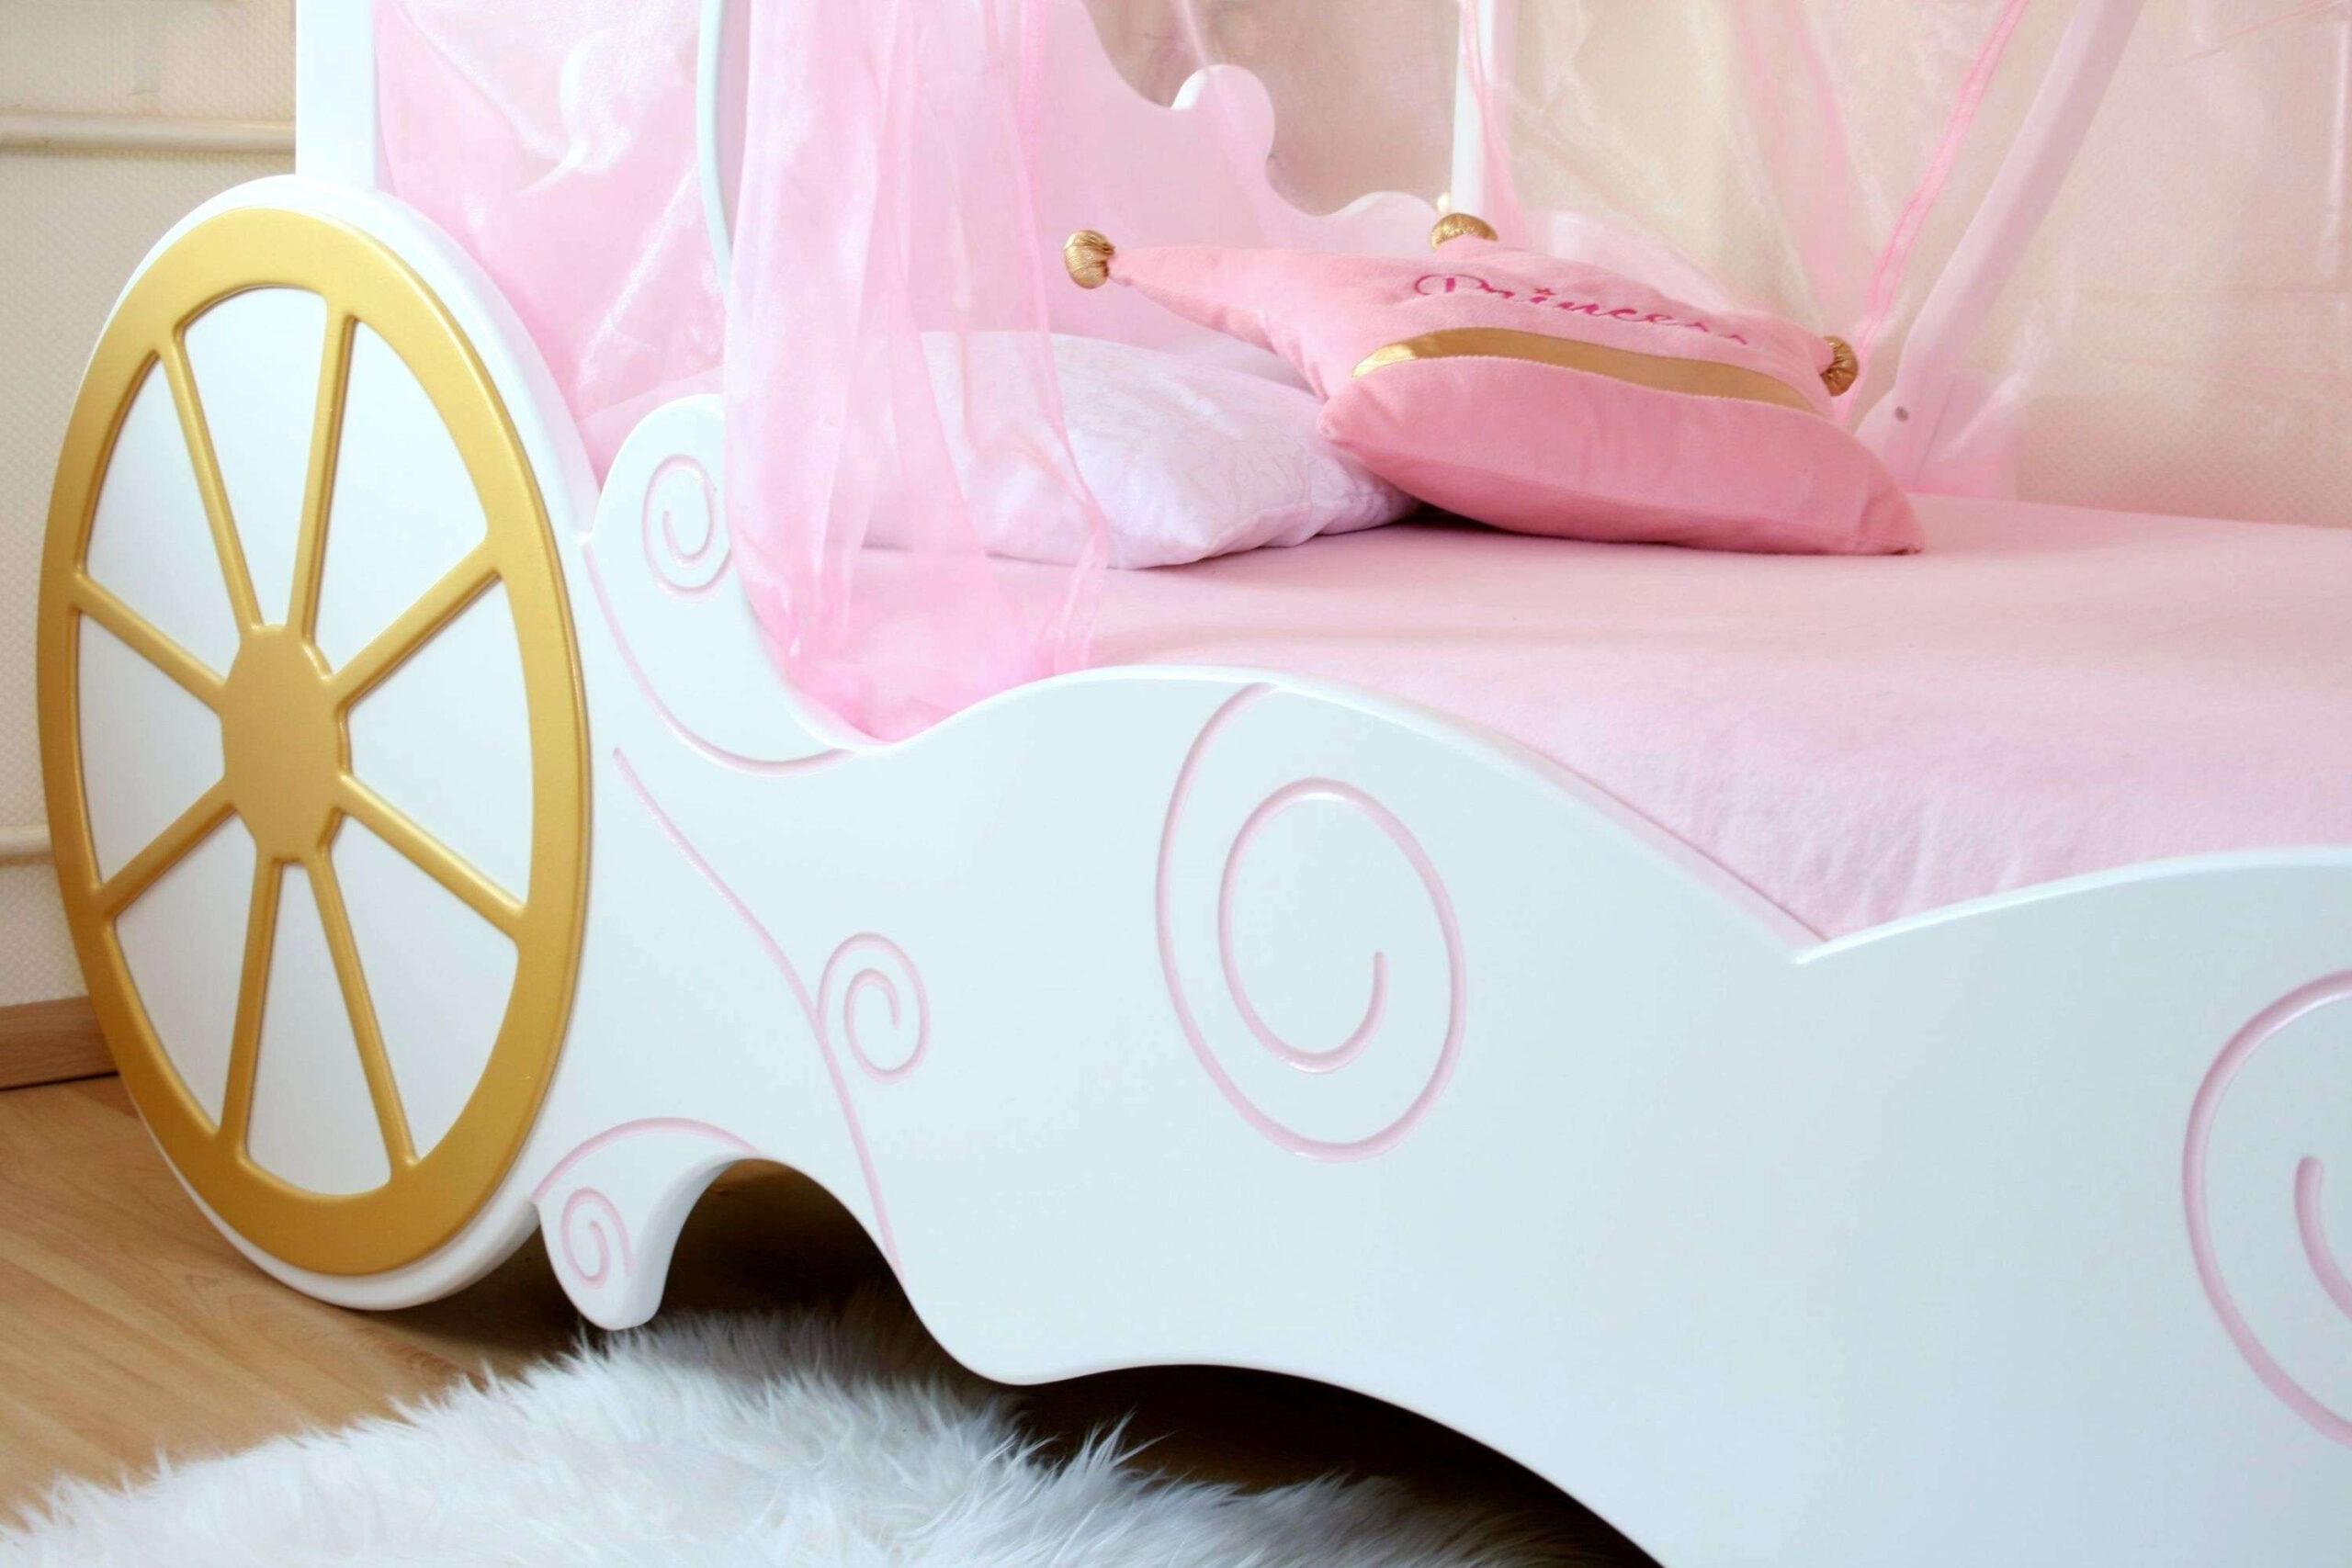 Full Size of Halbhohes Bett Ikea Luxus Jugendzimmer Mdchen M2 Fhrung Beste Mbelideen 140x200 Weiß Amazon Betten 1 40 Mit Bettkasten Hohem Kopfteil Für Schubladen 160x200 Wohnzimmer Halbhohes Bett Ikea